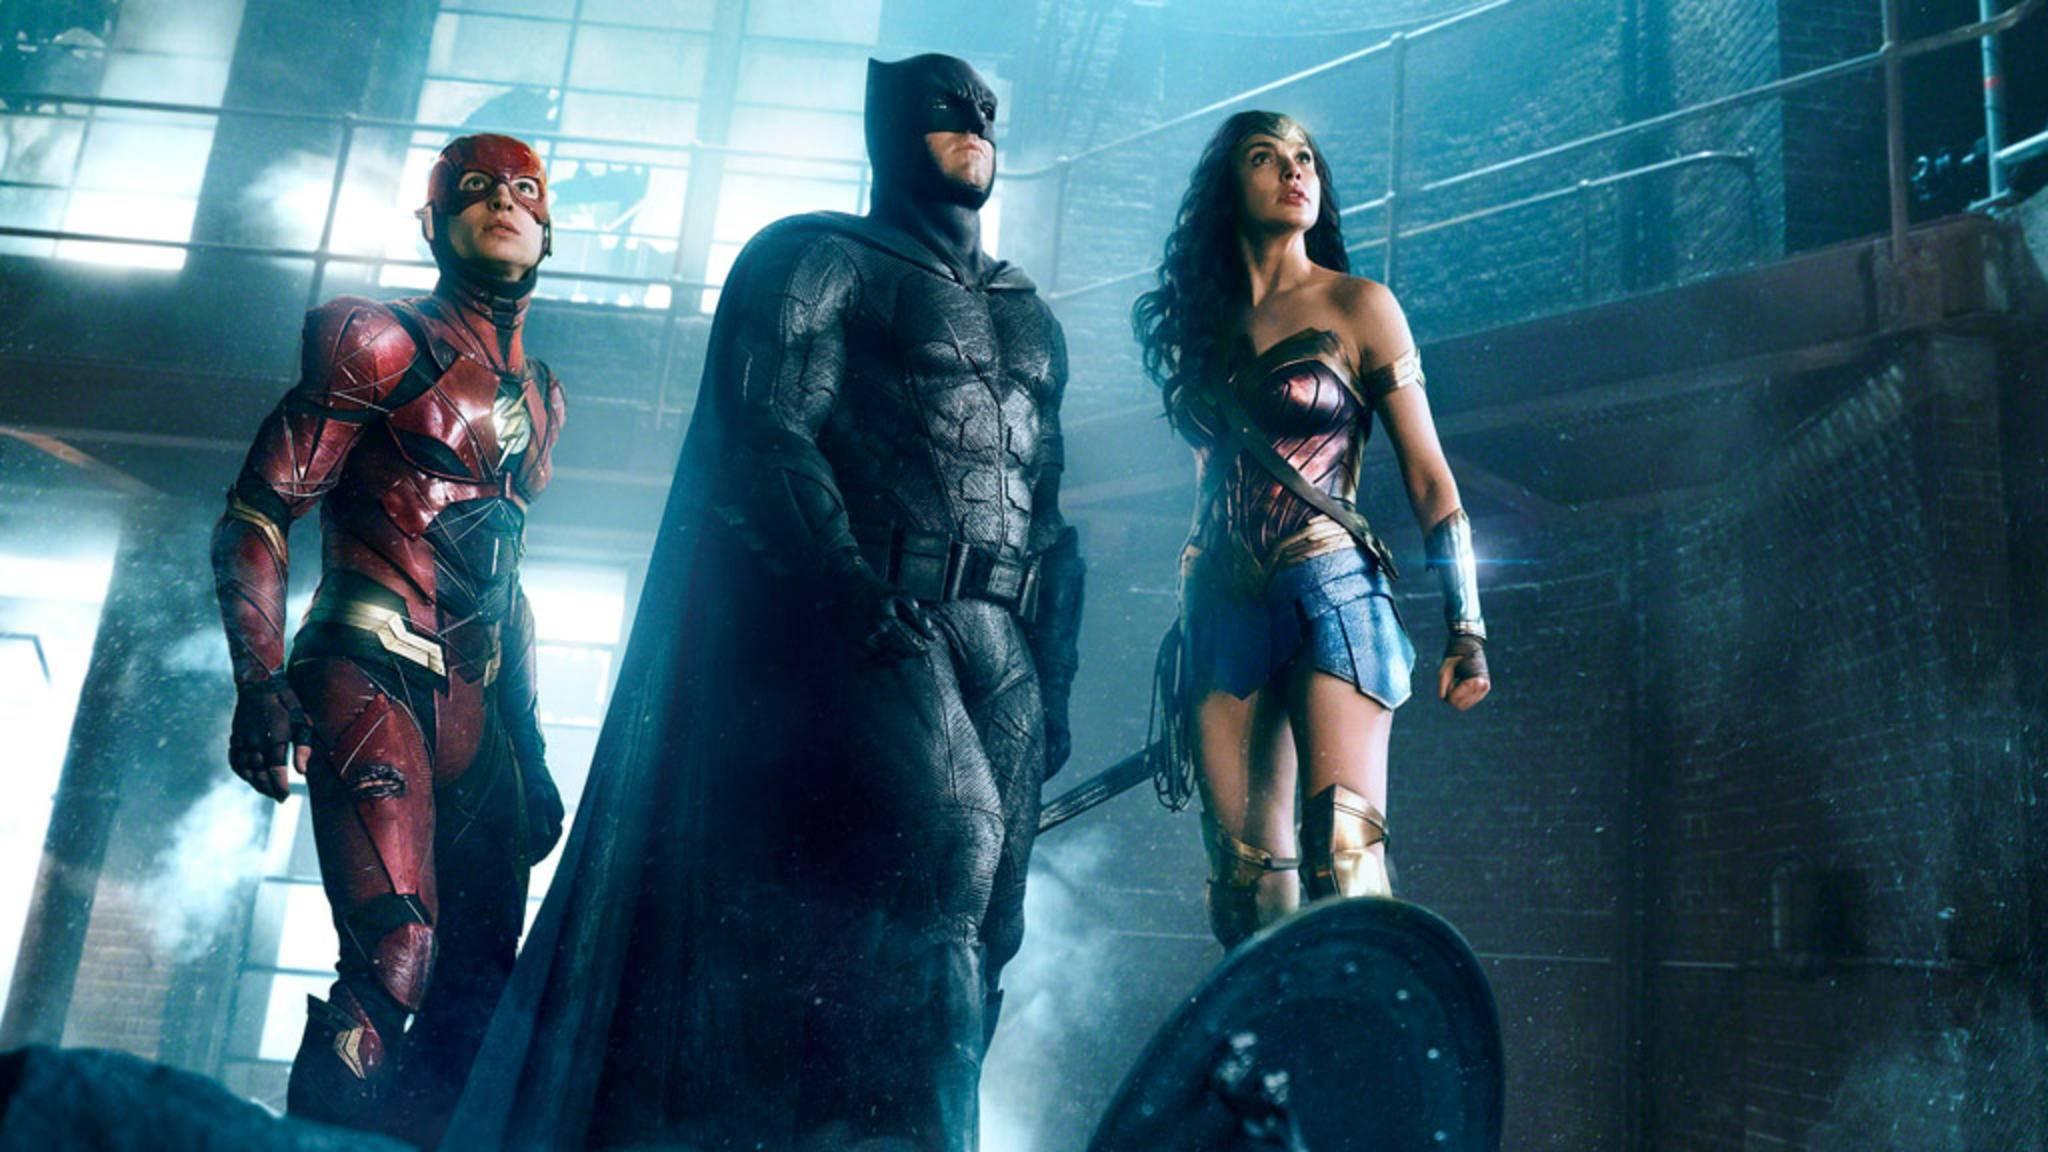 """Batman schlägt in """"Justice League"""" in altbekannter musikalischer Begleitung auf."""